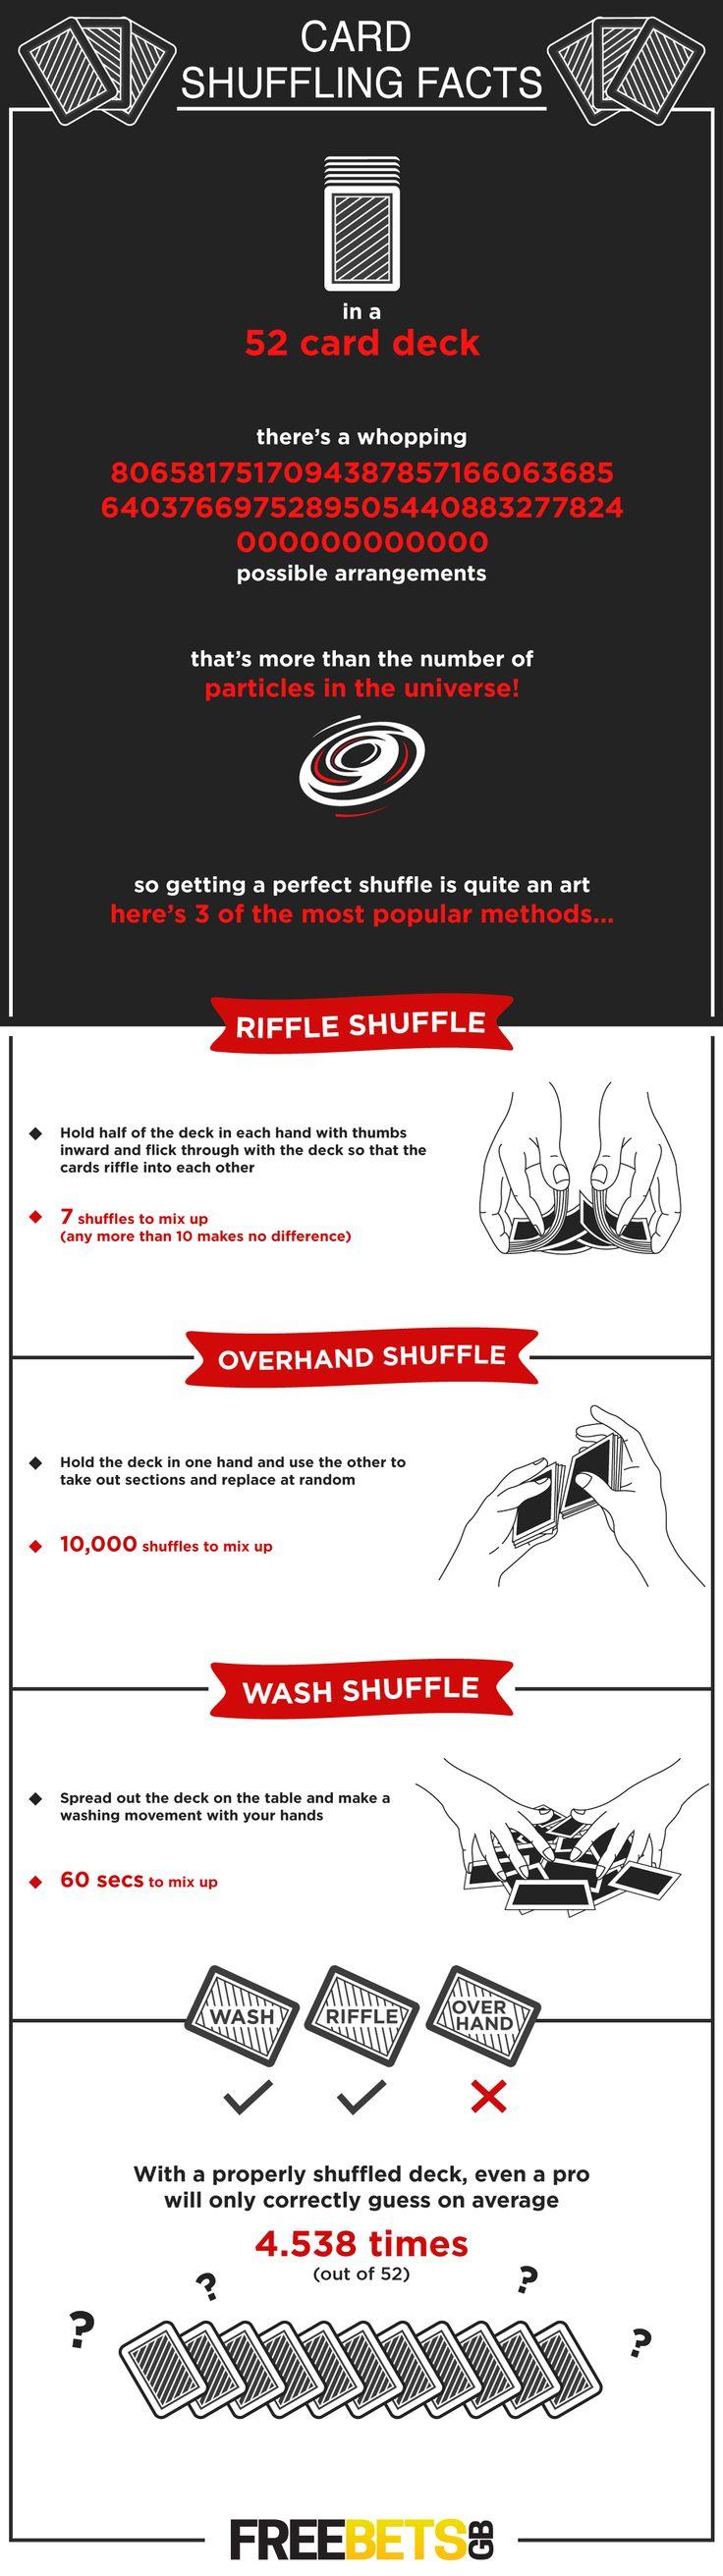 Card Shuffling Facts